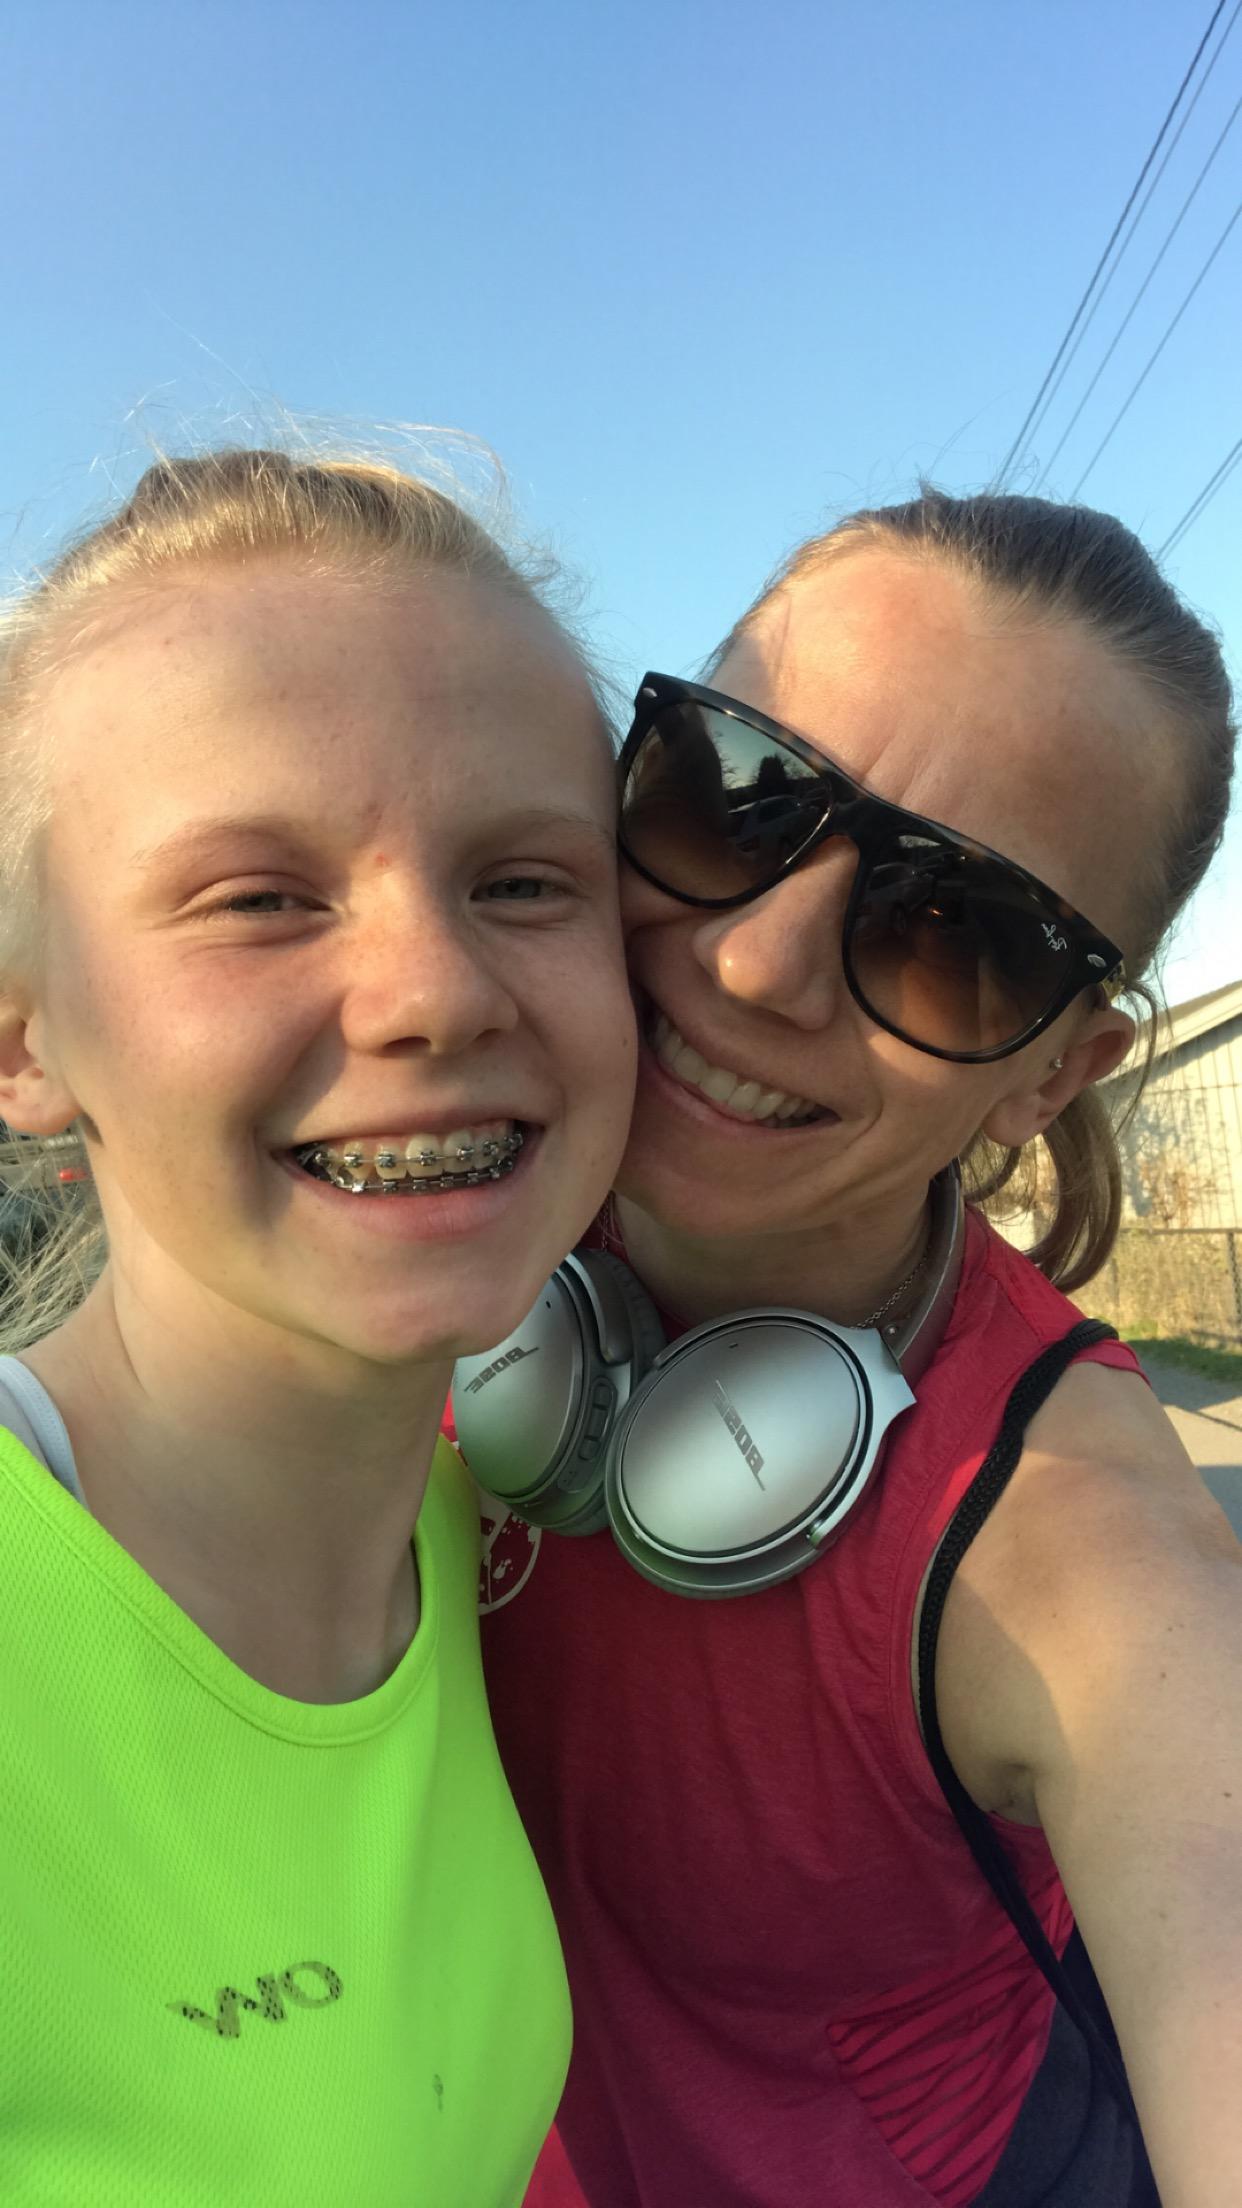 Stjerna mi skal også løpe, siste etappe på Fun-laget!!! Håper jeg rekker å se henne ❤️  Hvis noen har lyst til å heie på oss finner dere oss ved Mailund skole kl 19!  KlemMari